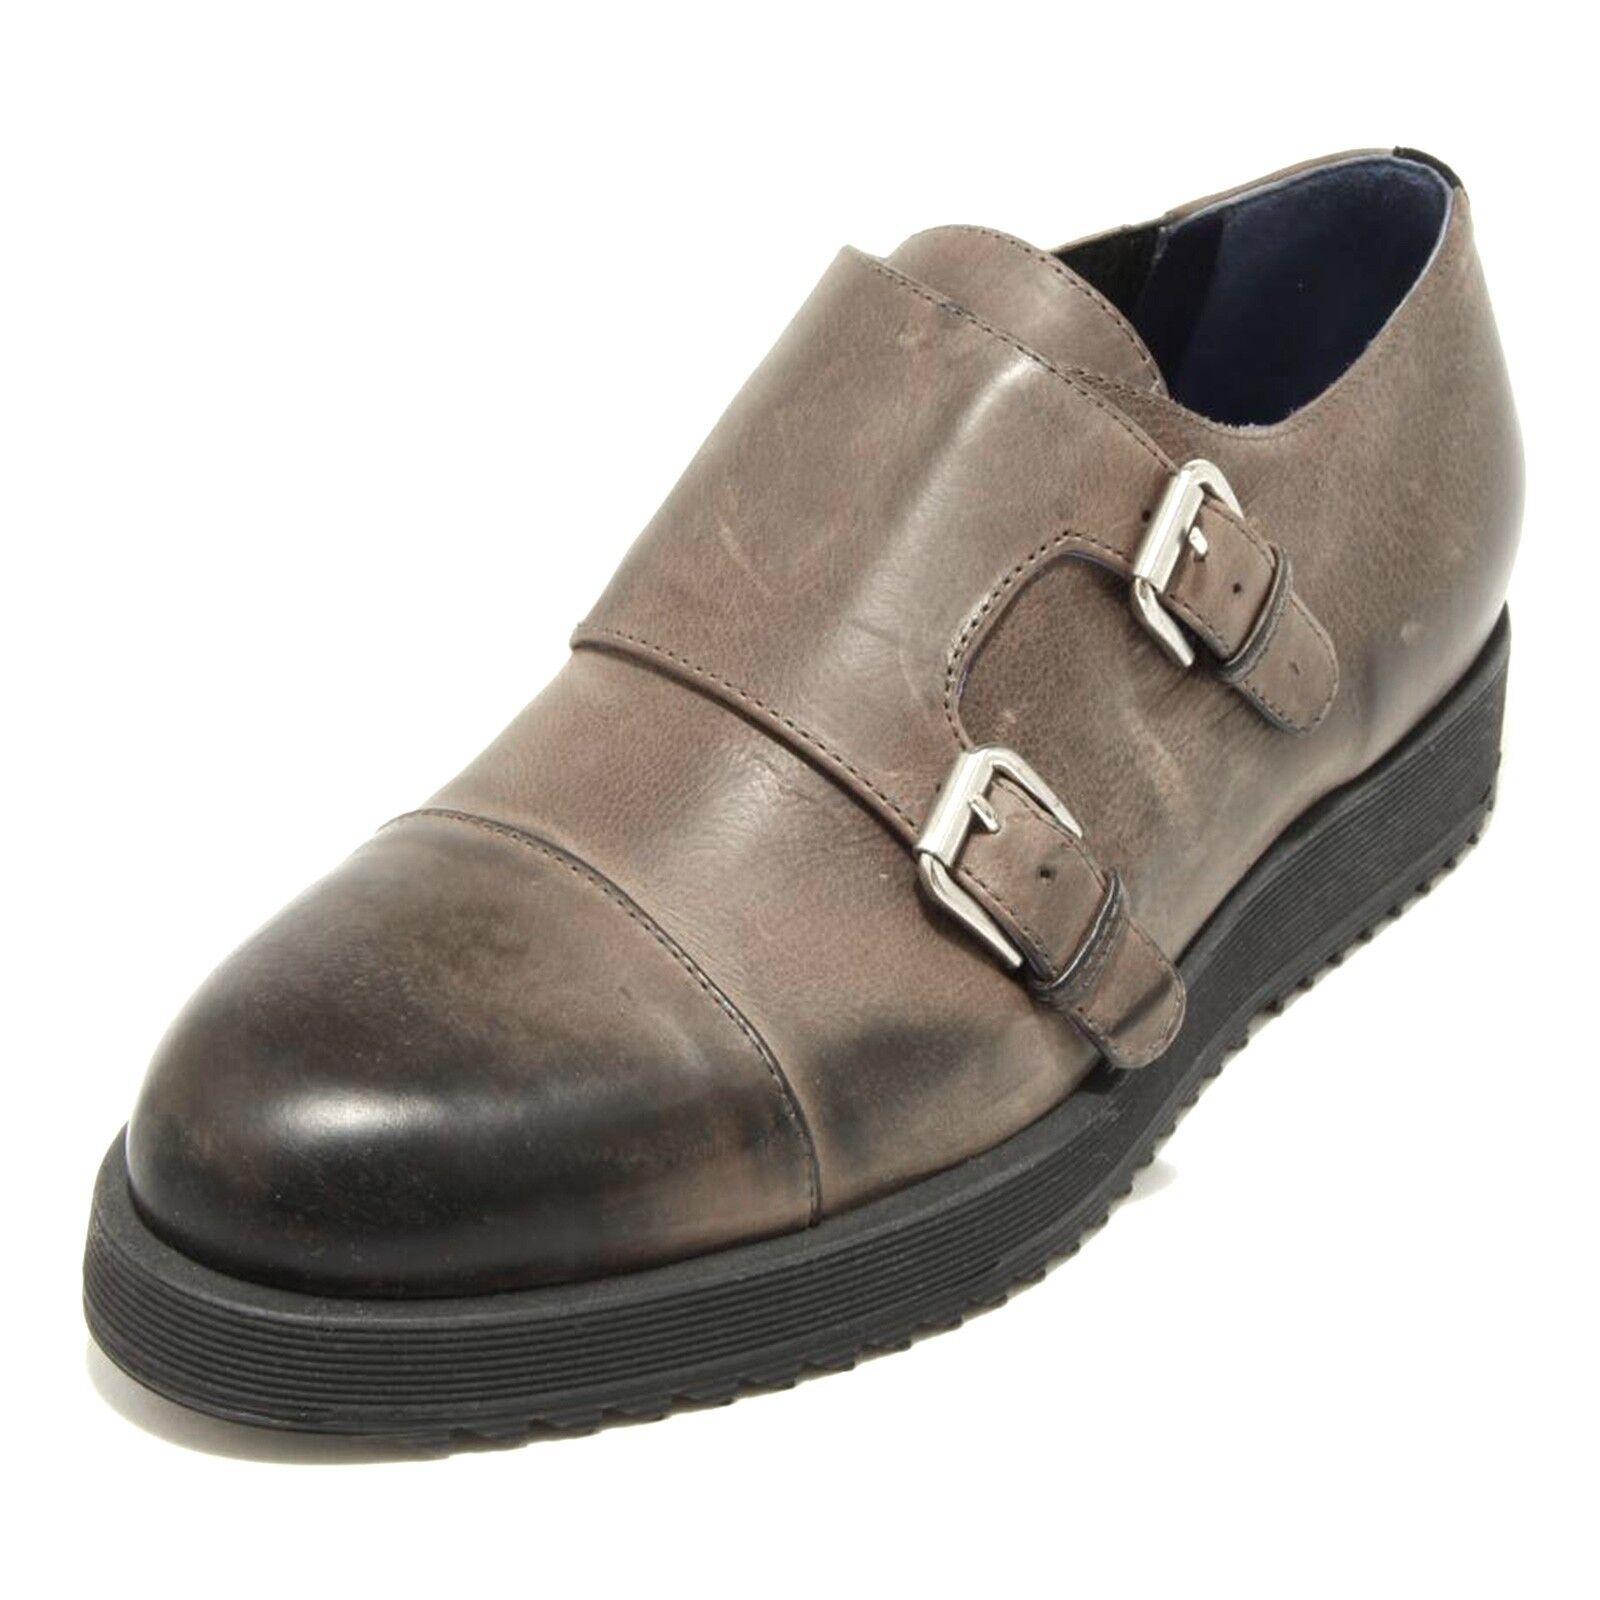 2065G scarpa antracite UNO 8 UNO 181 calzatura doppia fibbia uomo schuhe men